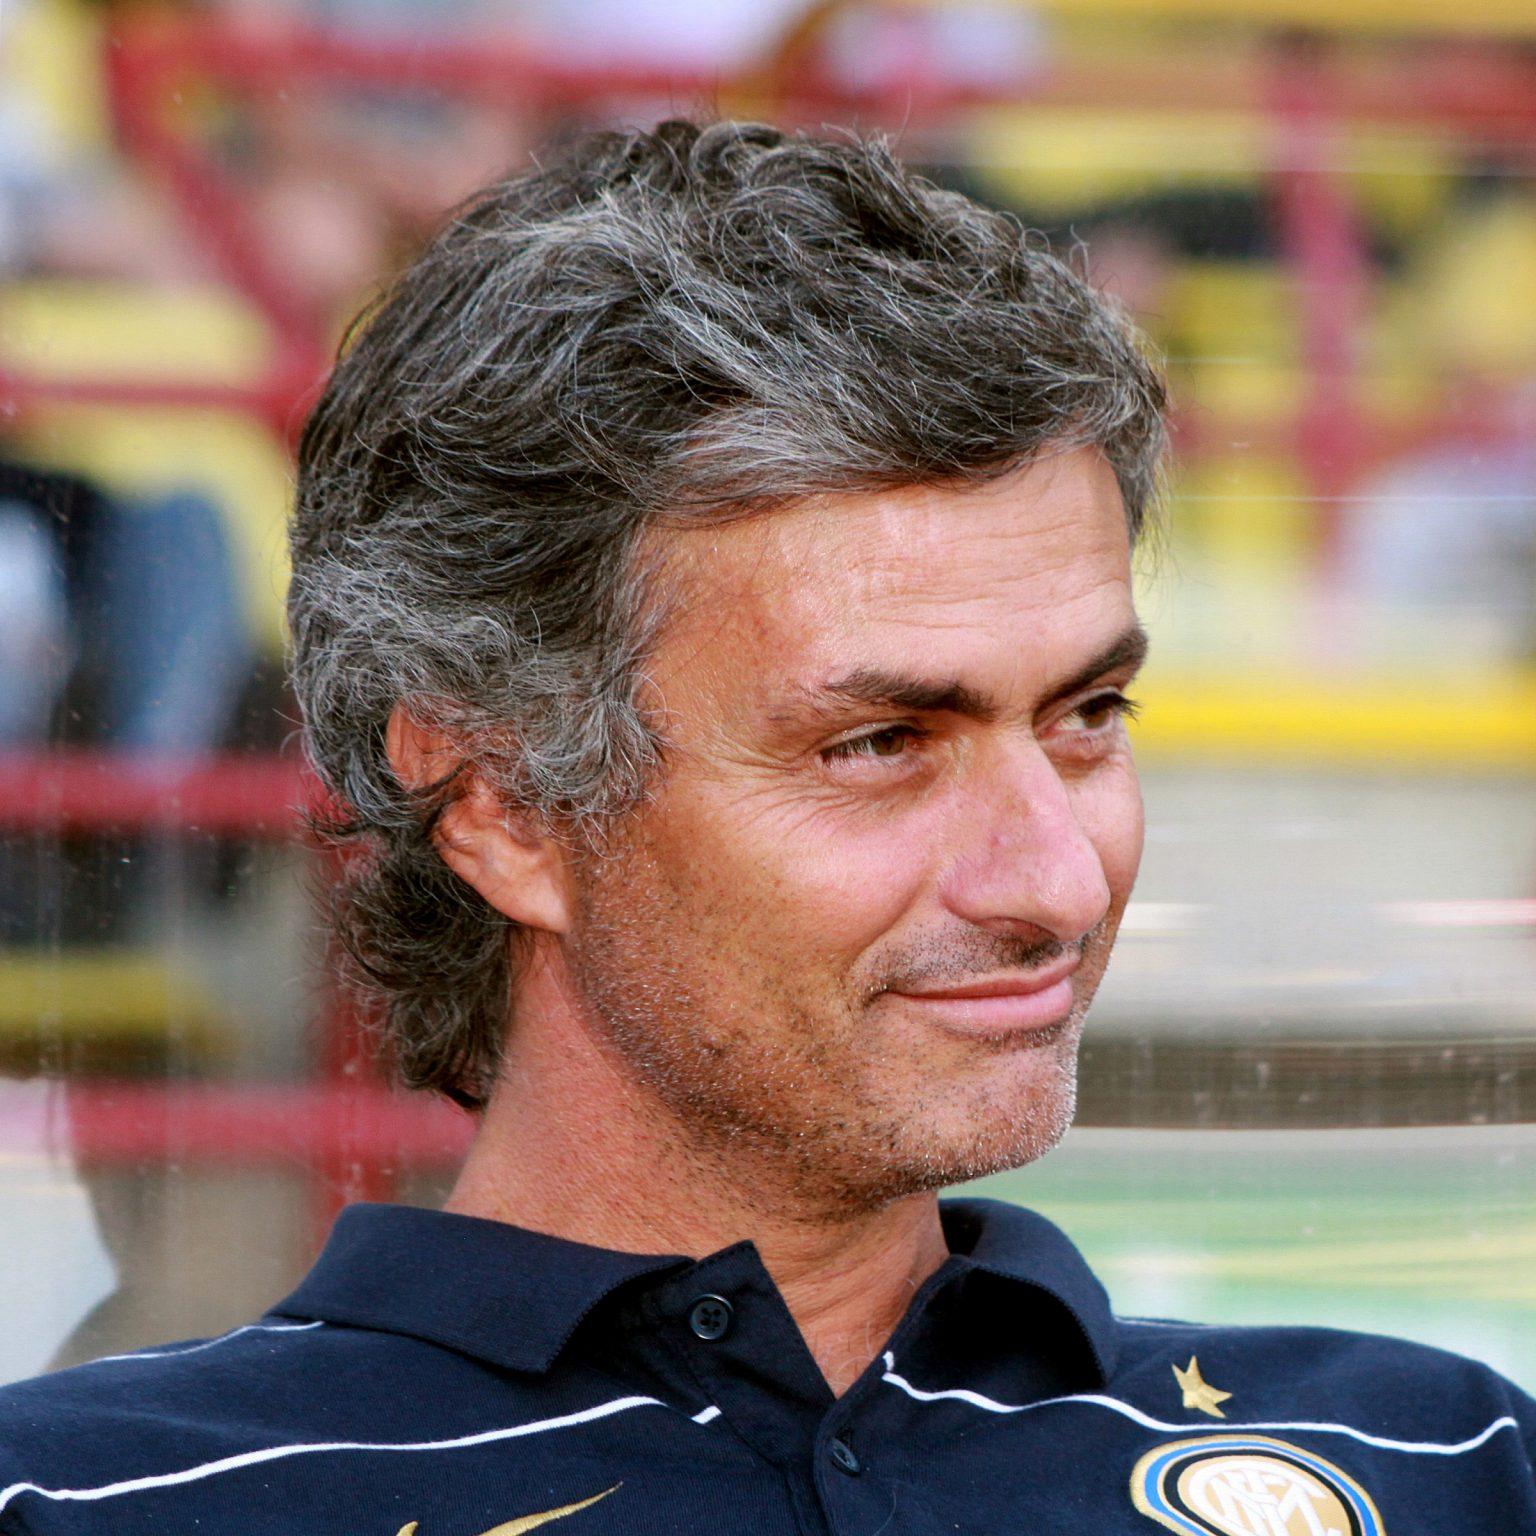 Mijlocaş, antrenor portughez